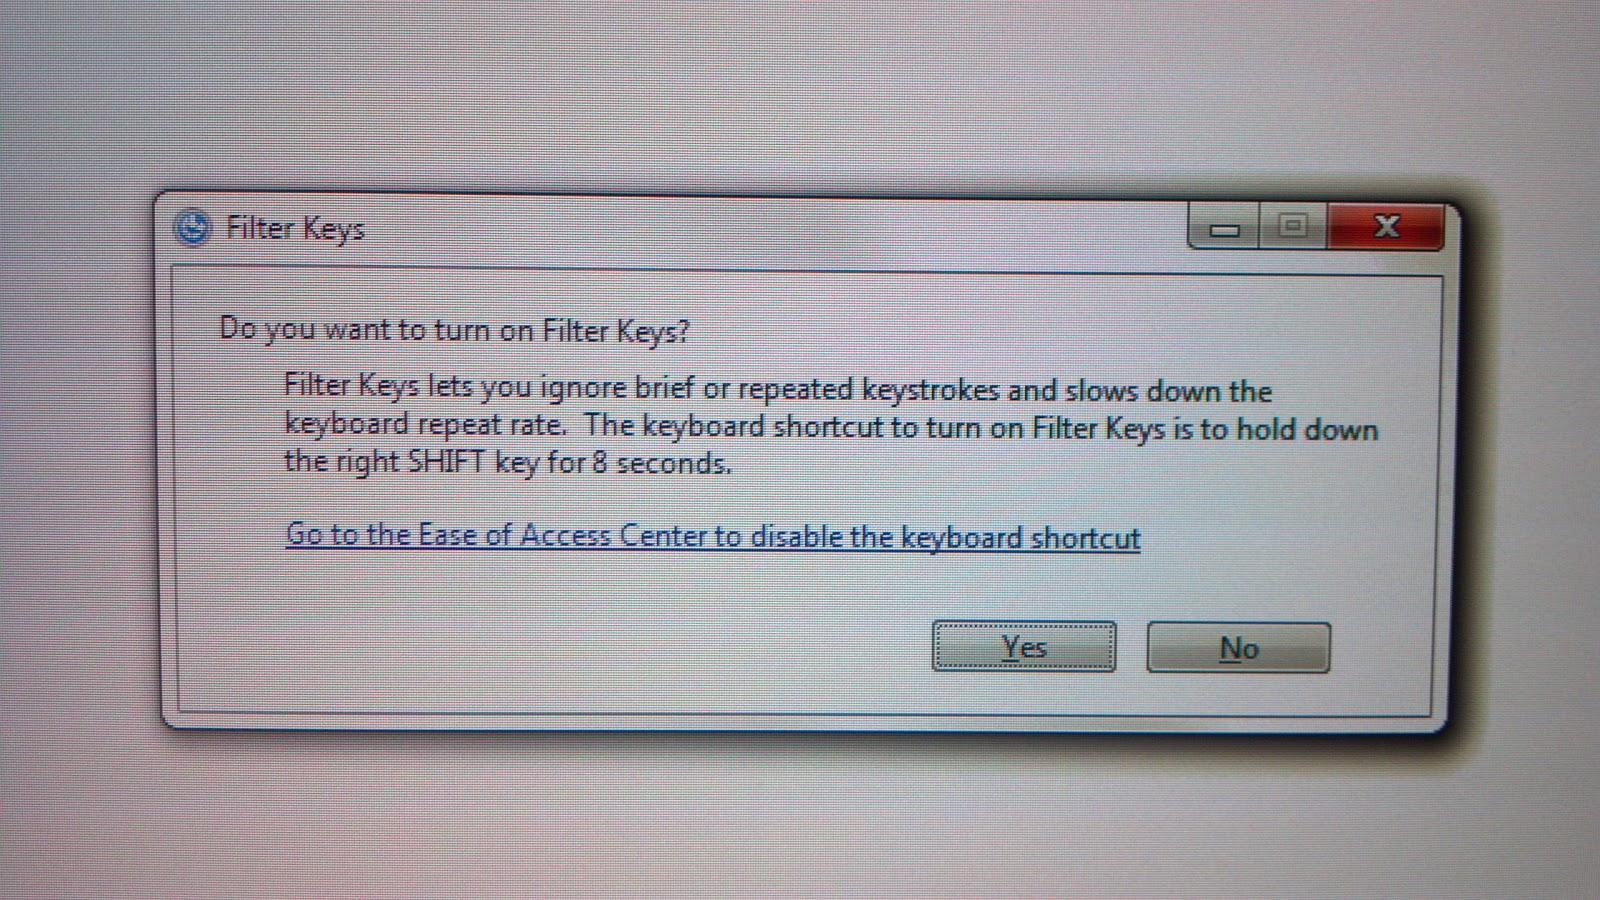 http://3.bp.blogspot.com/-OgTY2pCg47c/UAjNAztVBXI/AAAAAAAAEog/hssu1R_H-zM/s1600/Sticky-filter-keys.jpg